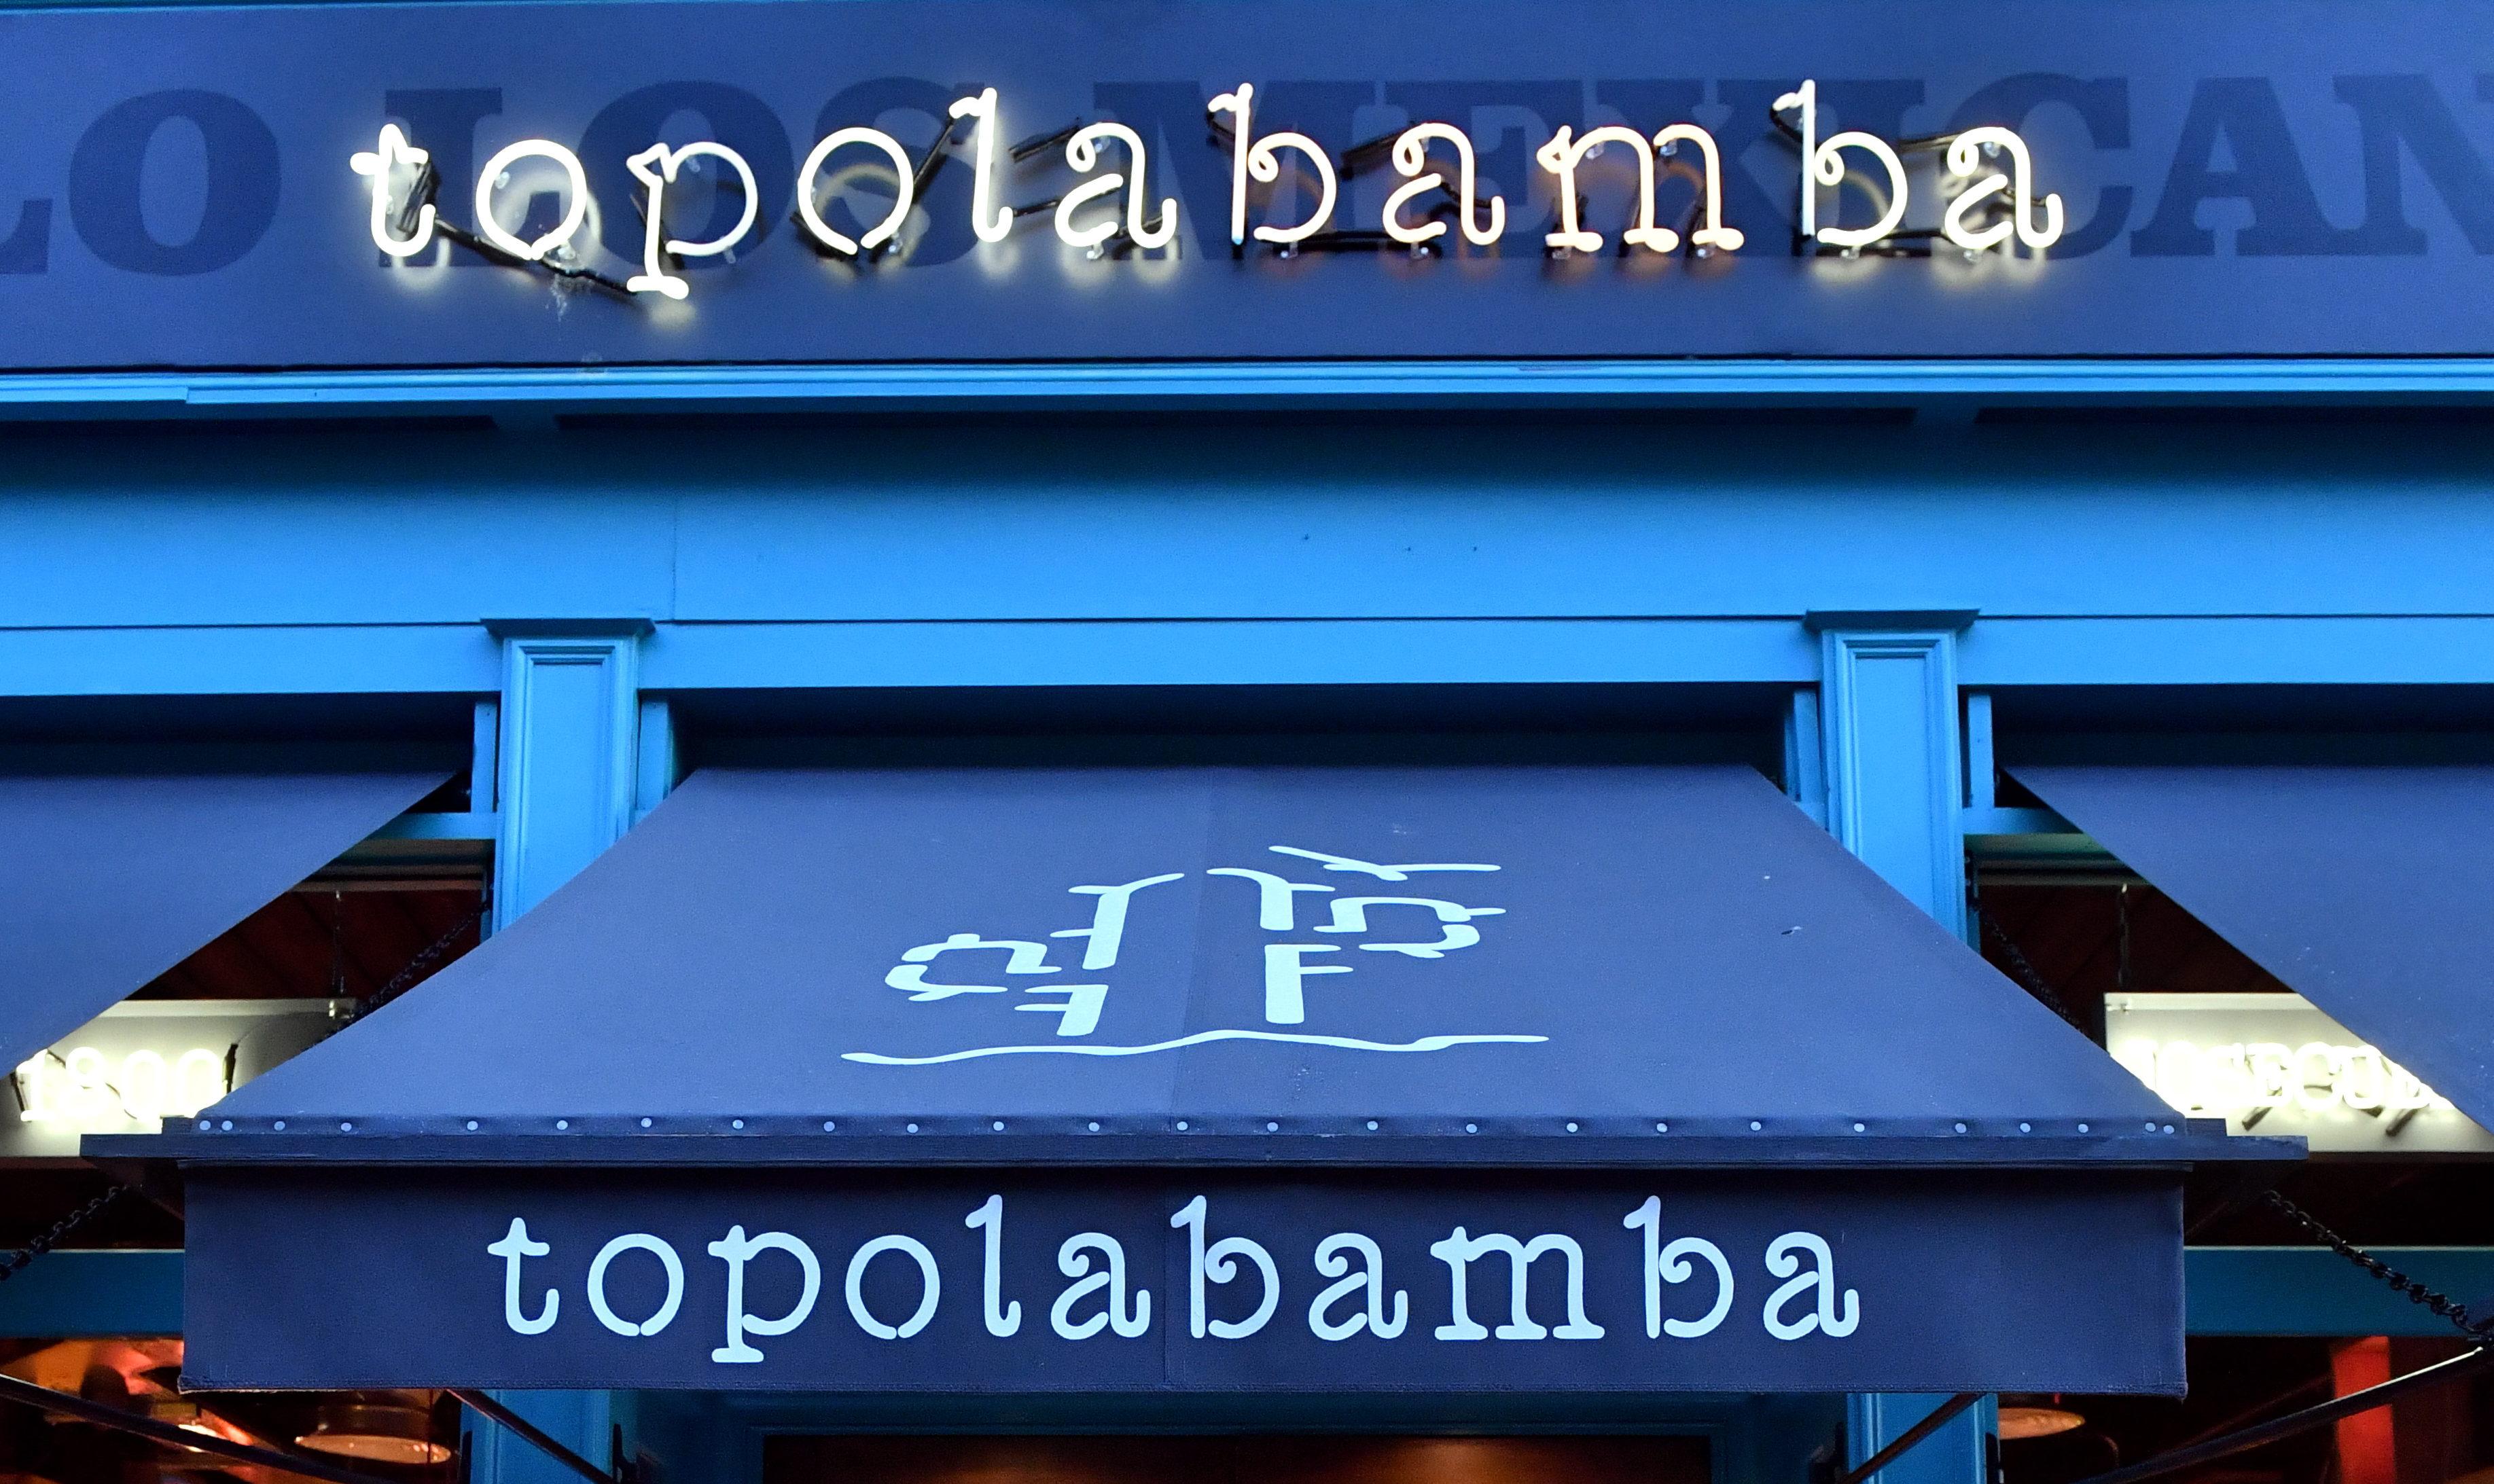 A branch of topolabamba (Kami Thomson / DC Thomson)